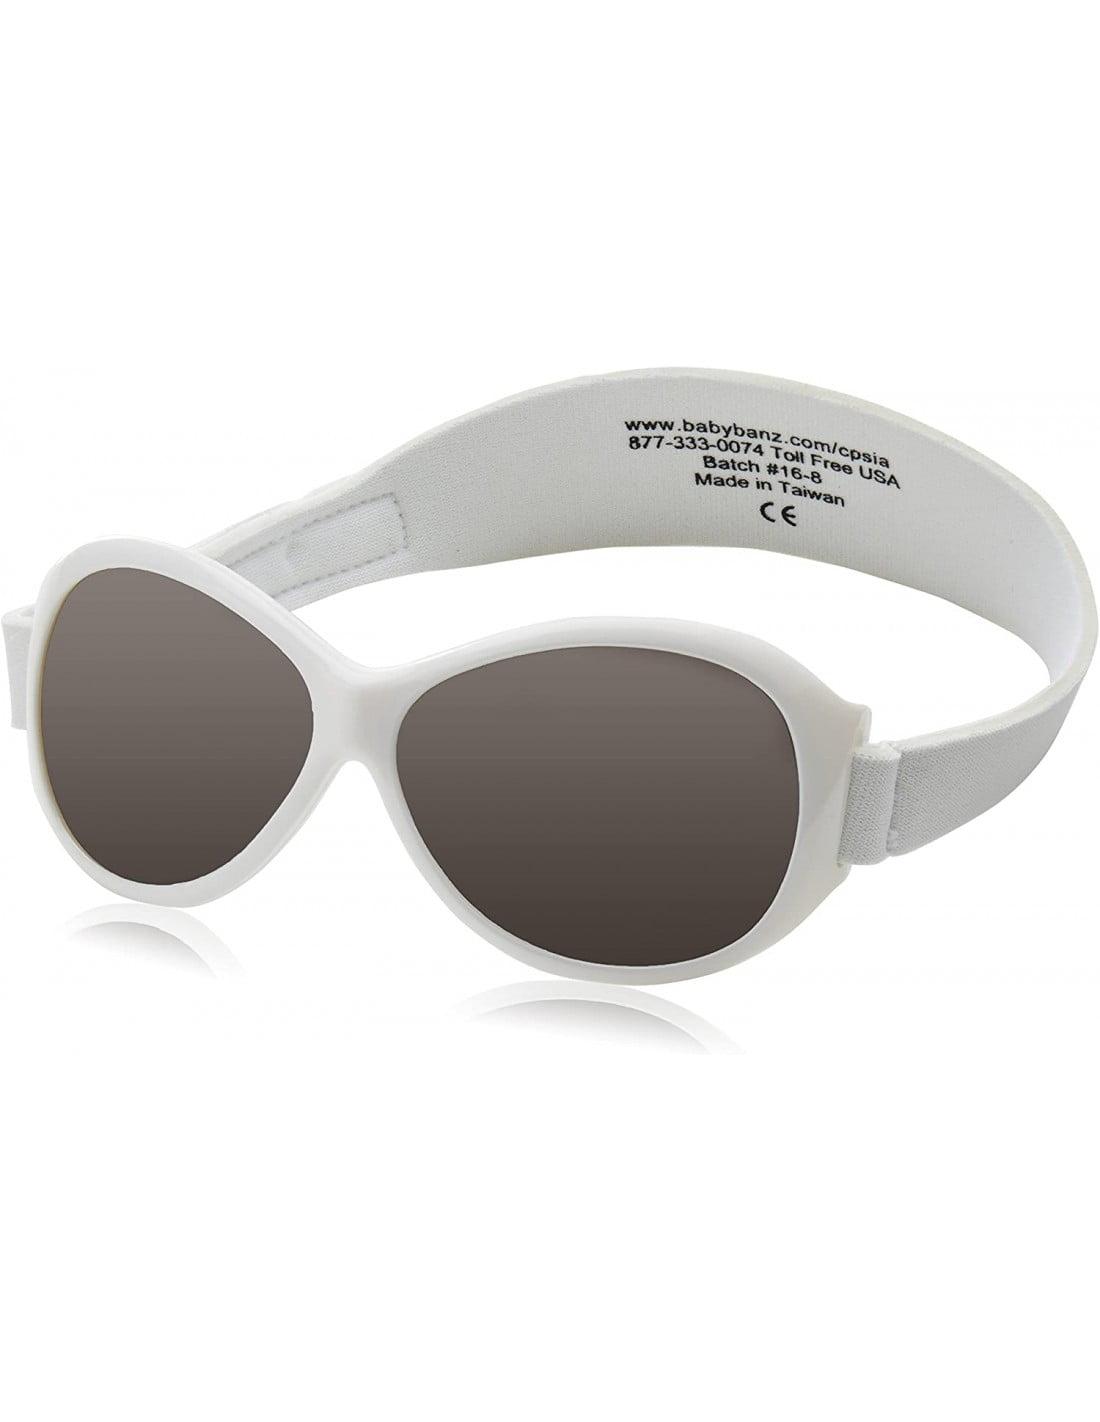 Ochelari de soare Bebe 0-2 ani Retro Oval White (alb) Banz